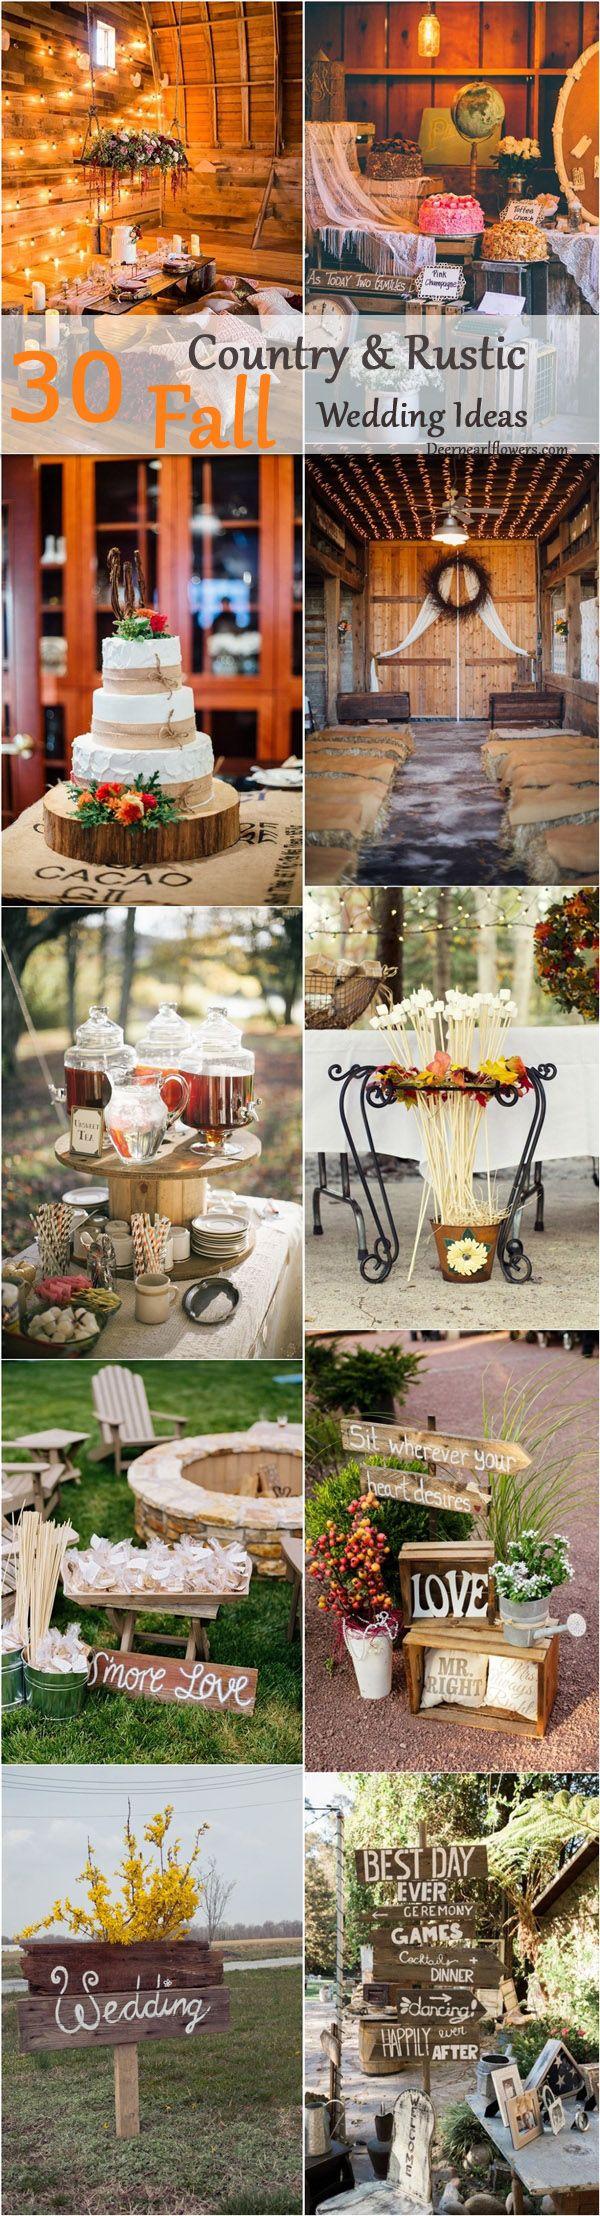 30 idee di matrimonio rustico in stile country autunno rustico-7975